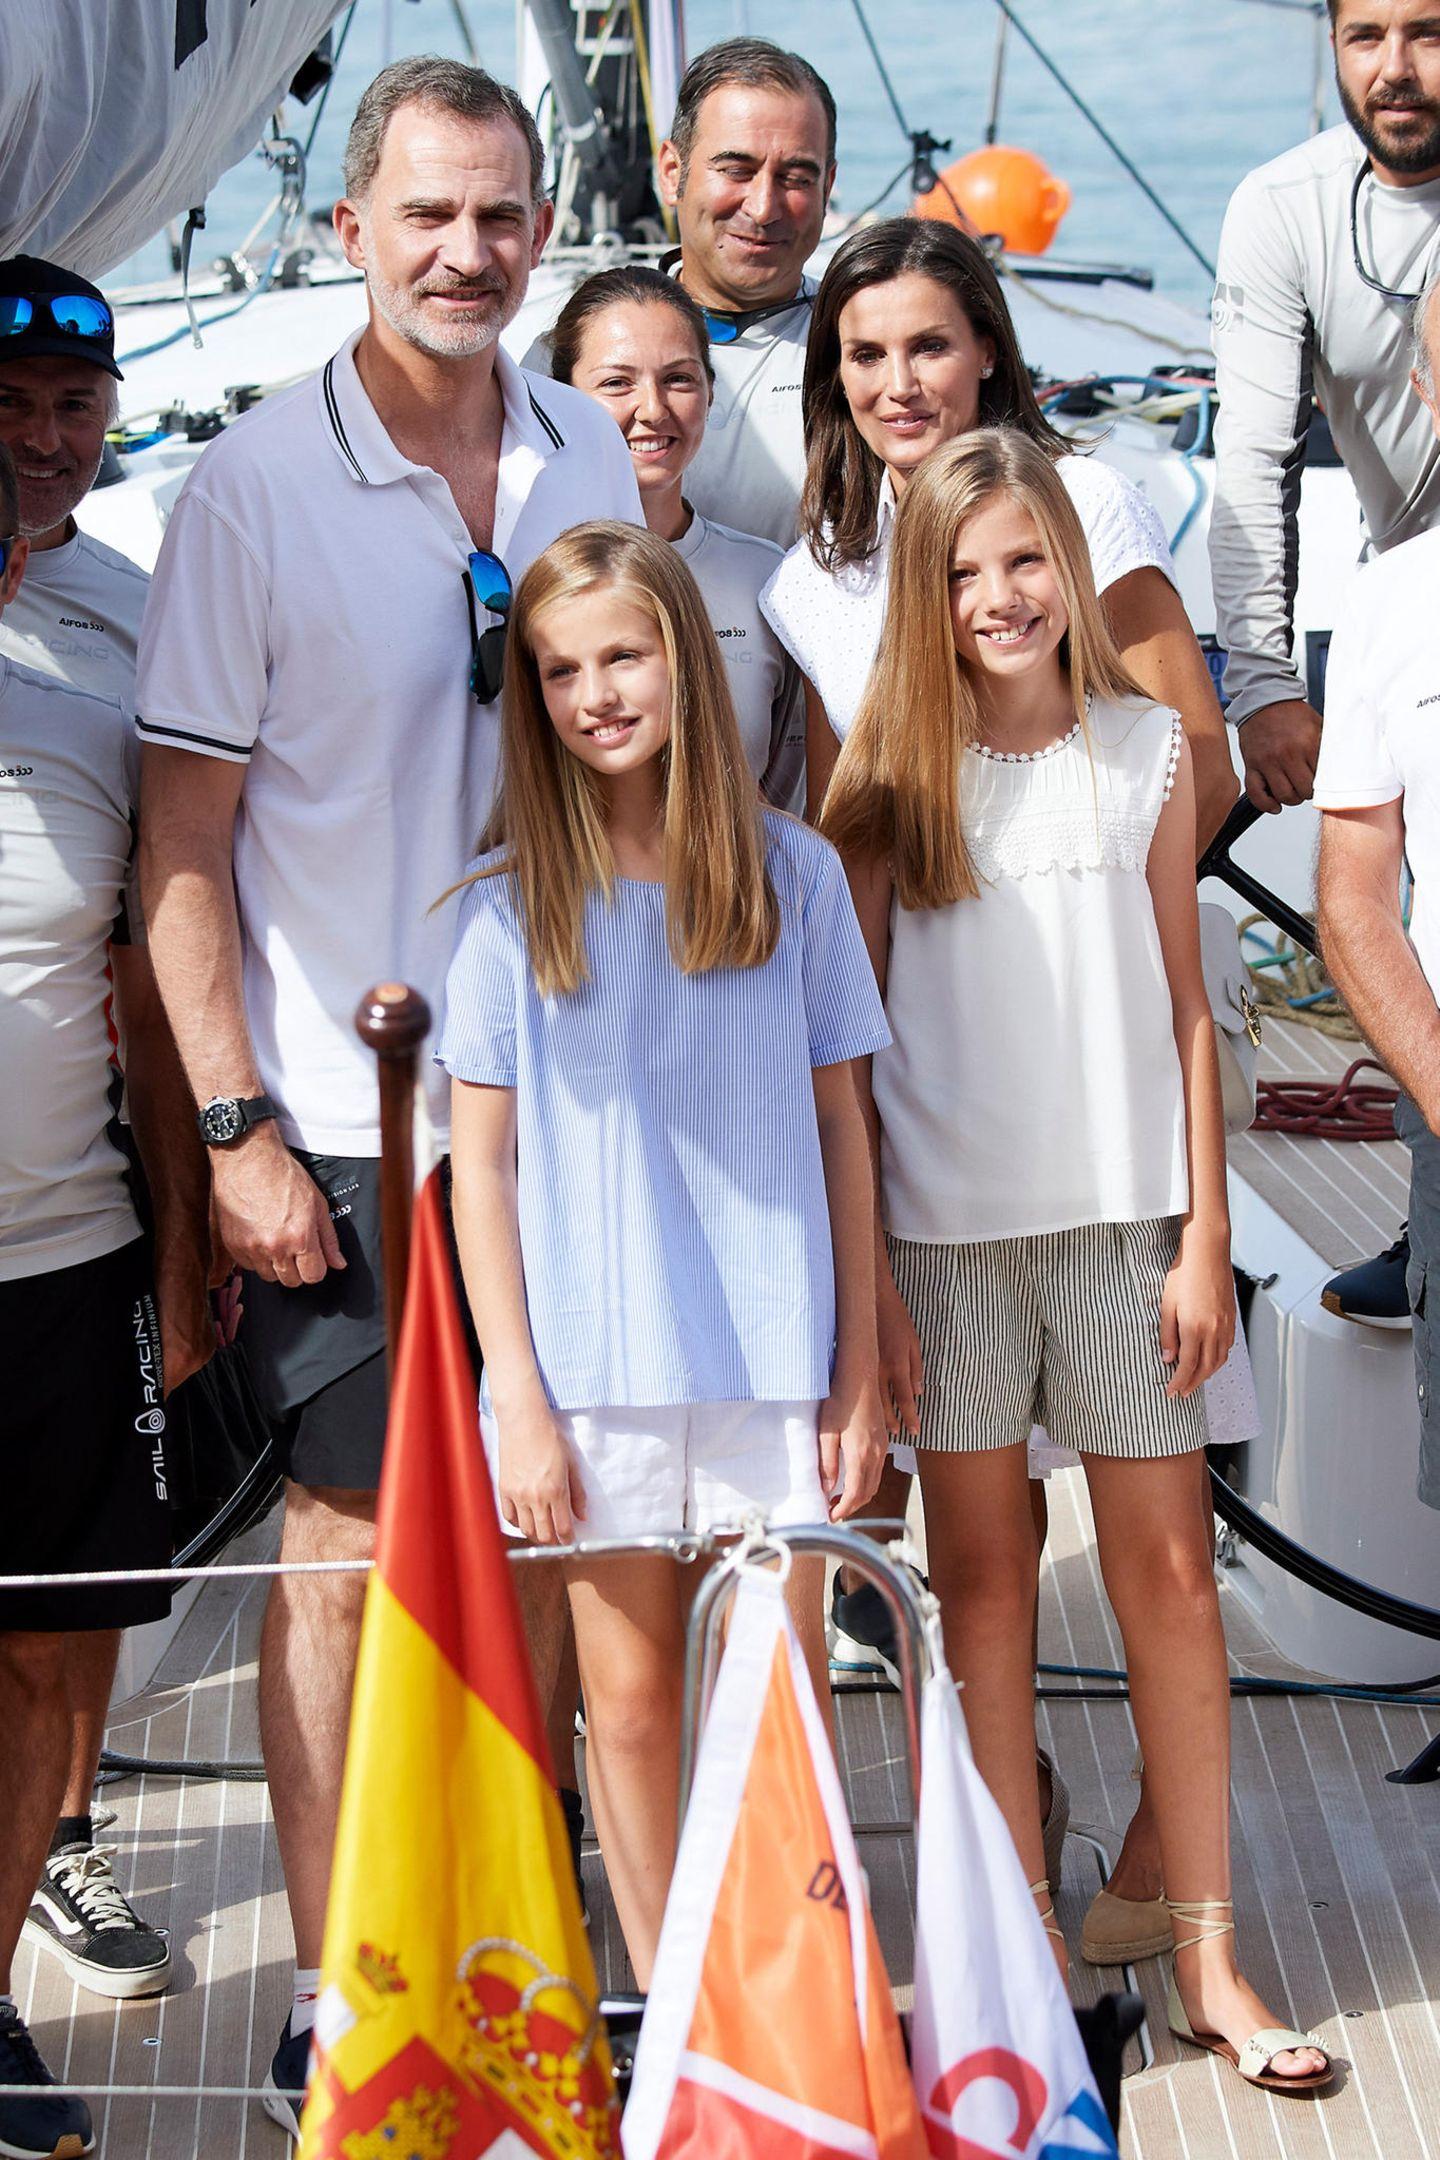 Auch beim traditionellenCopa del Rey Mapfre Segel-Cup mit ihrem Vater König Felipe scheinen die Prinzessinne-Farben für diesen royalen Mallorca-Sommer festzustehen: Weiß, Beige und helle Pastelltöne.